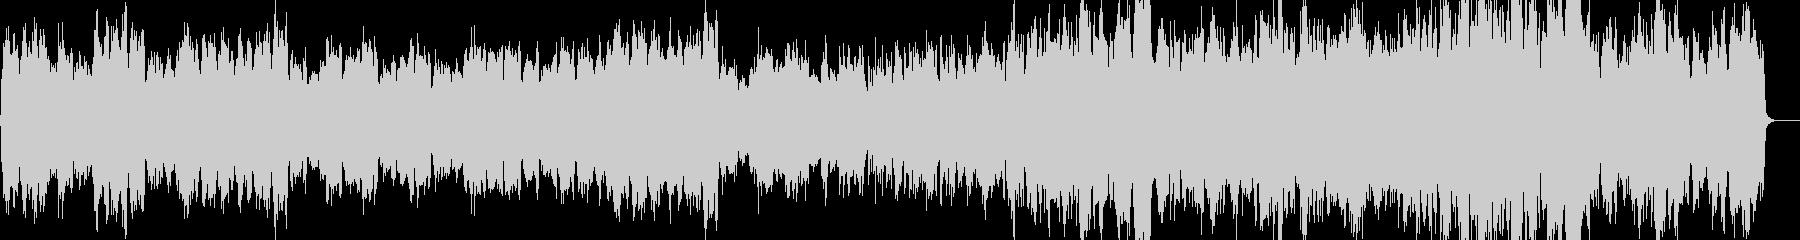 ストリングスによる切ないクラシックの未再生の波形